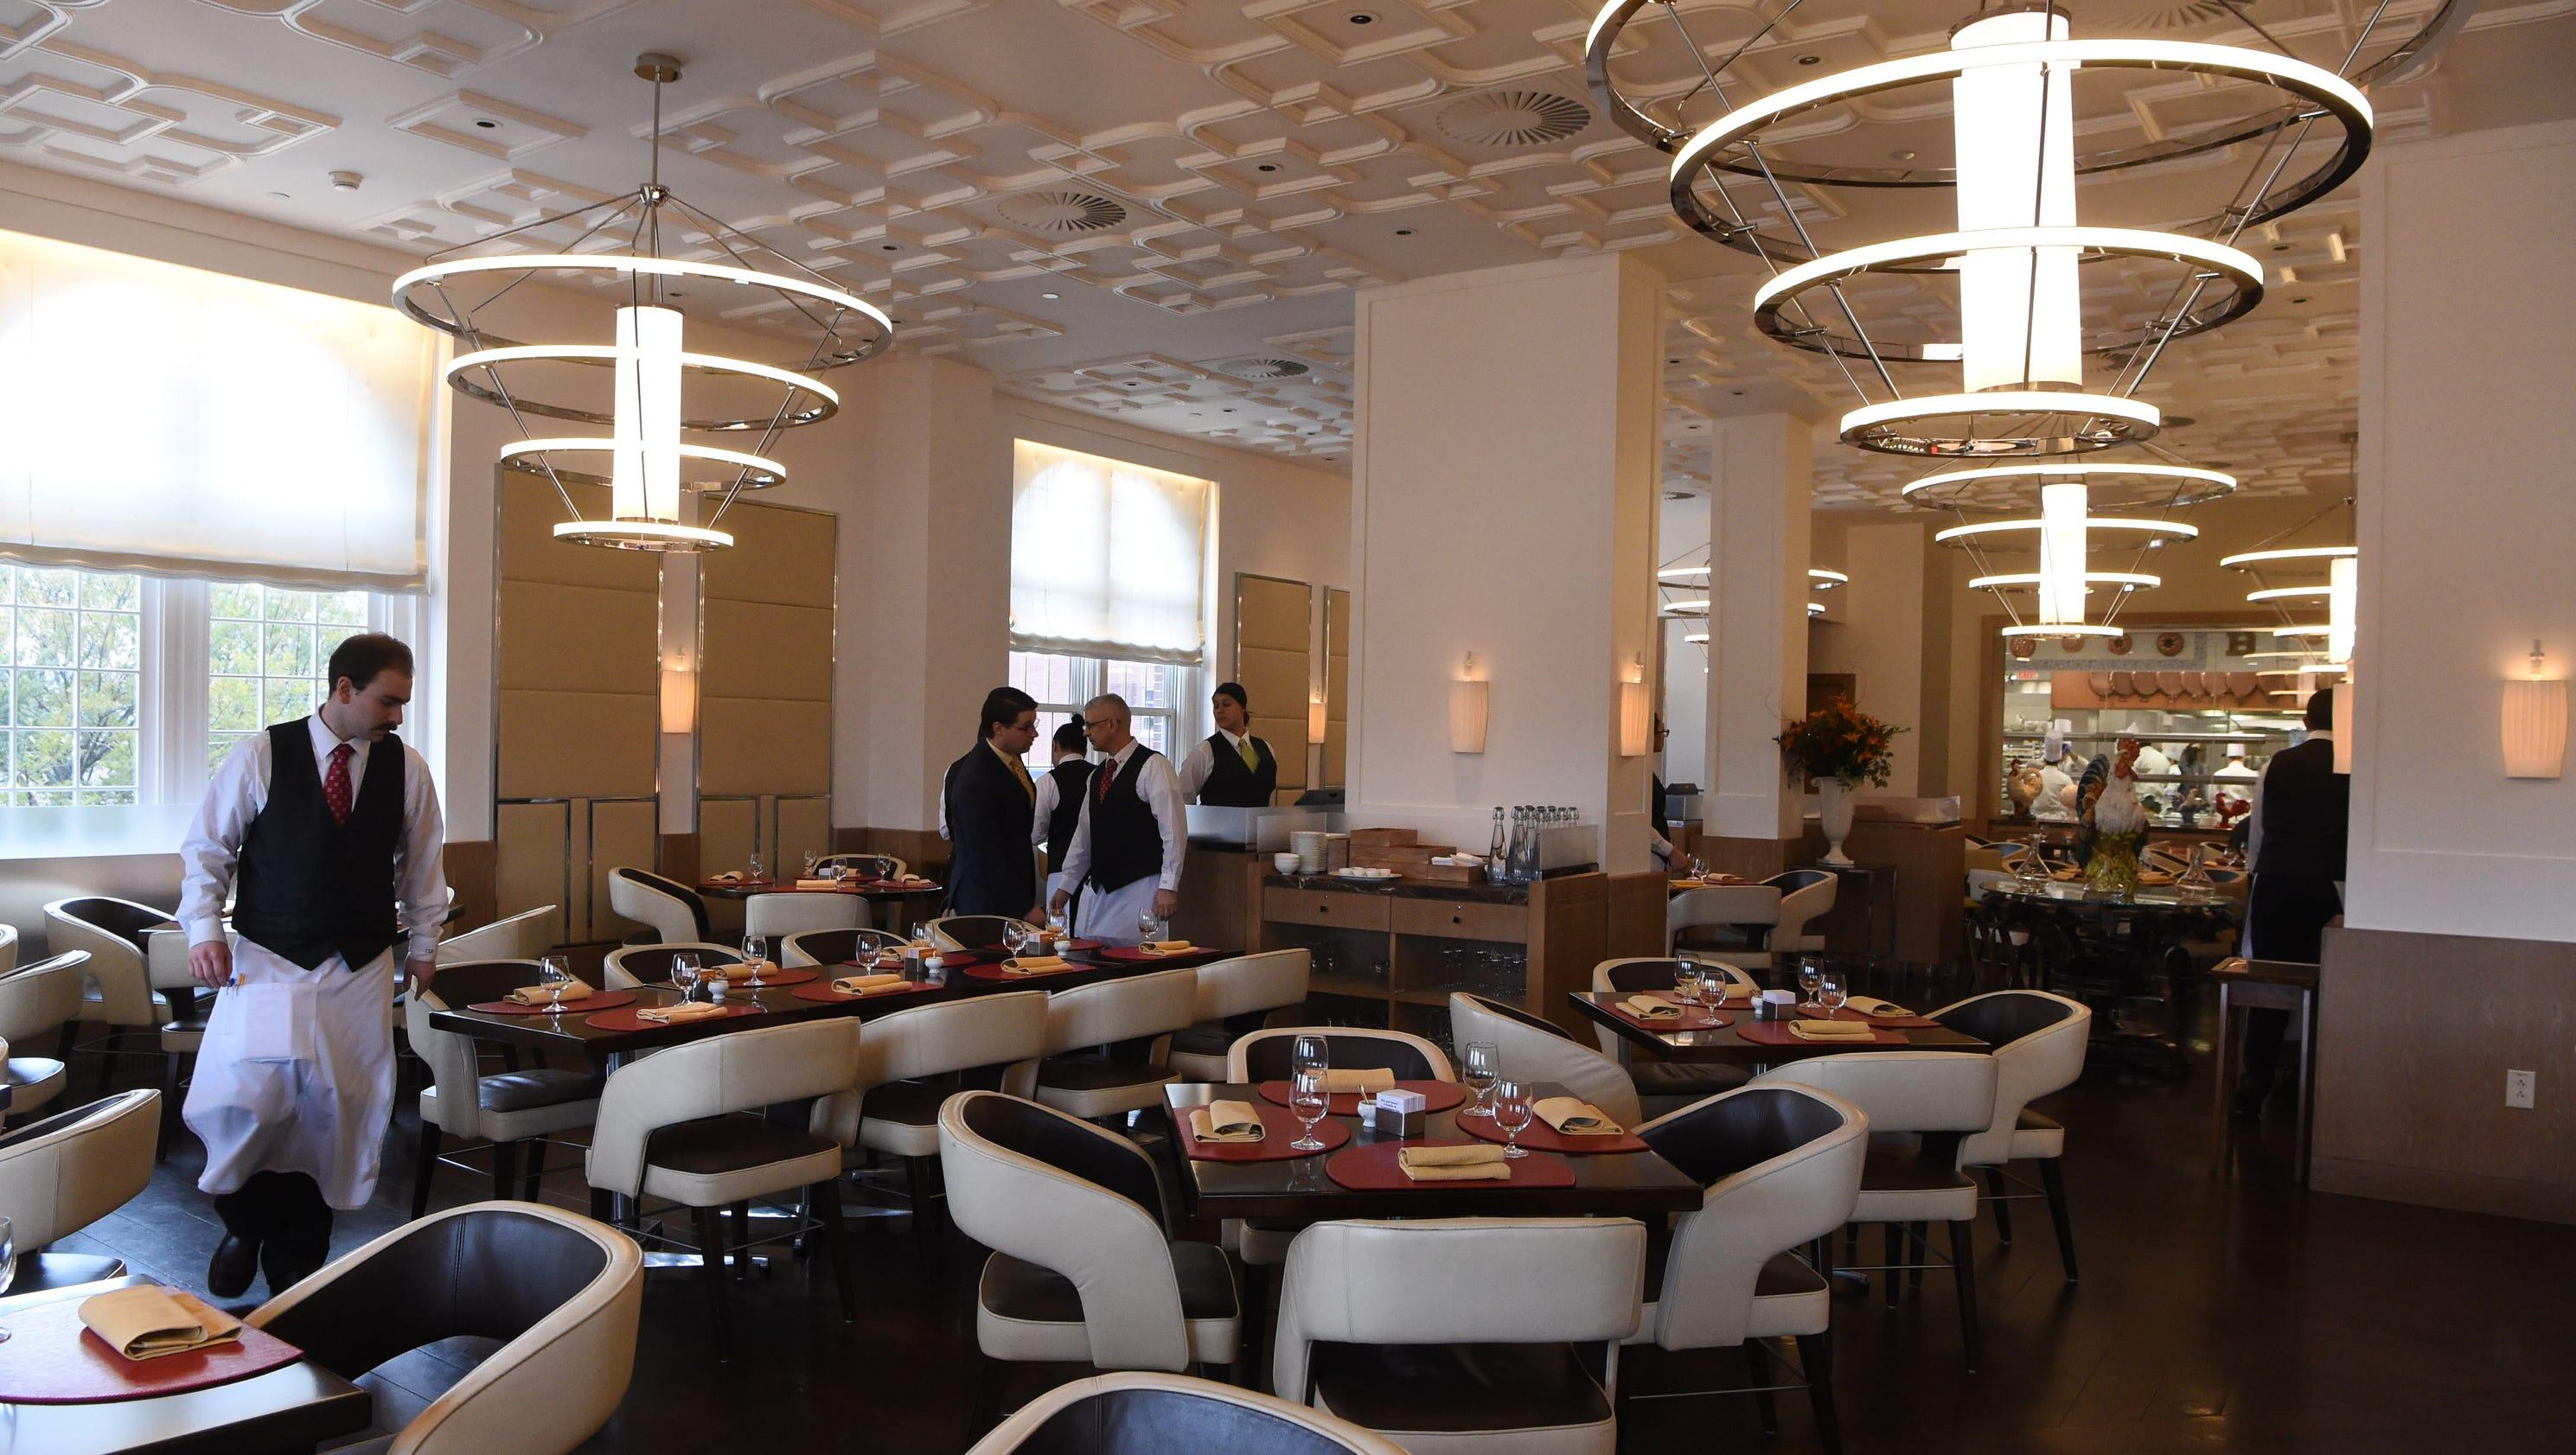 Hudson valley restaurant week underway